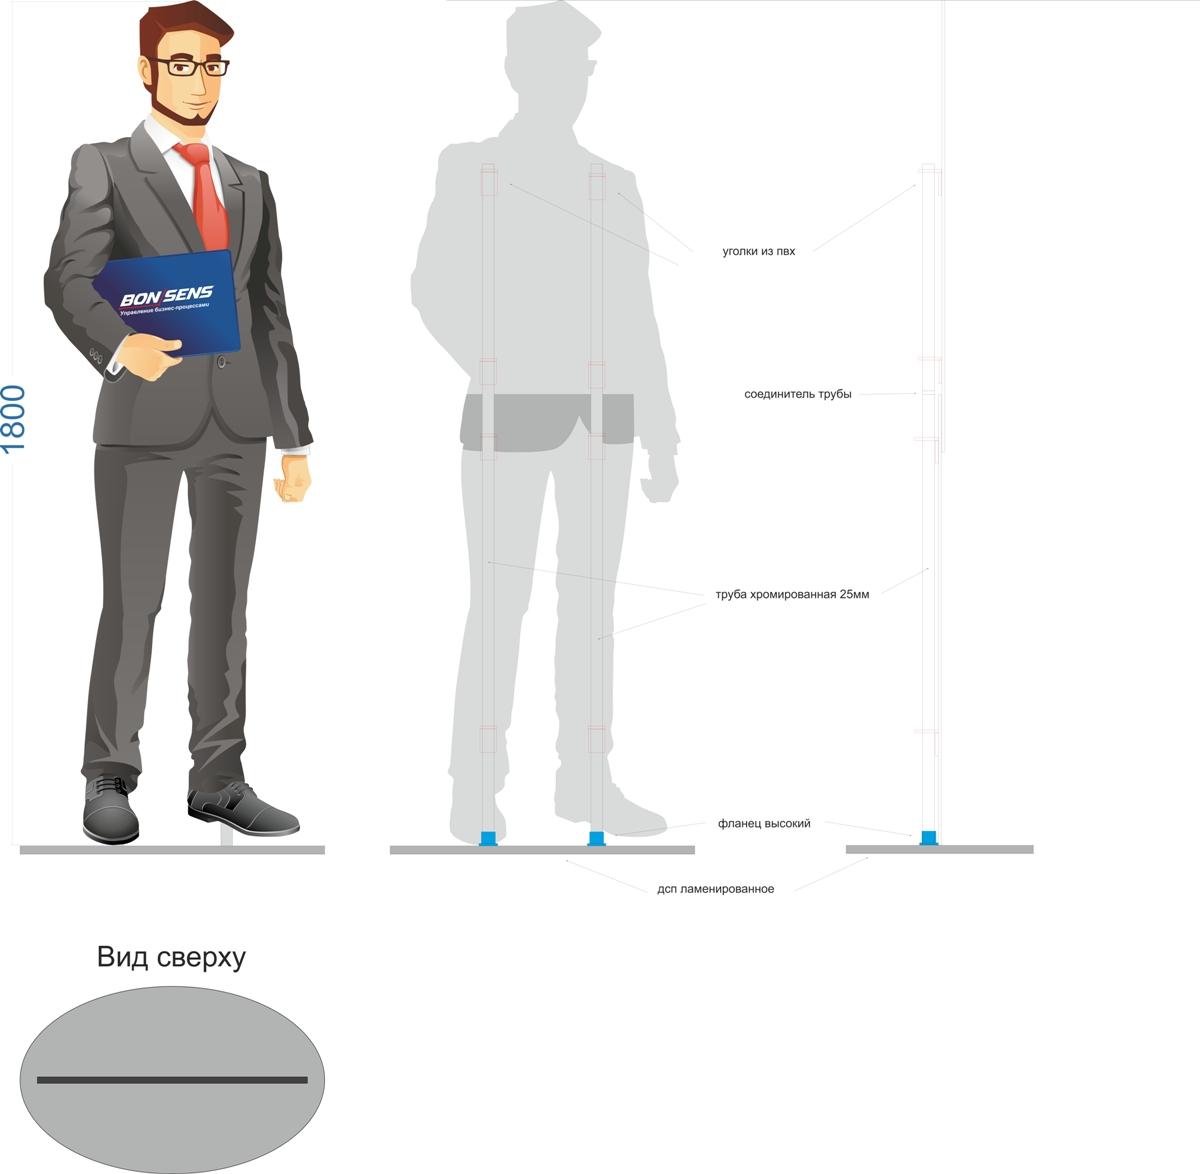 Технические характеристики ростовой фигуры